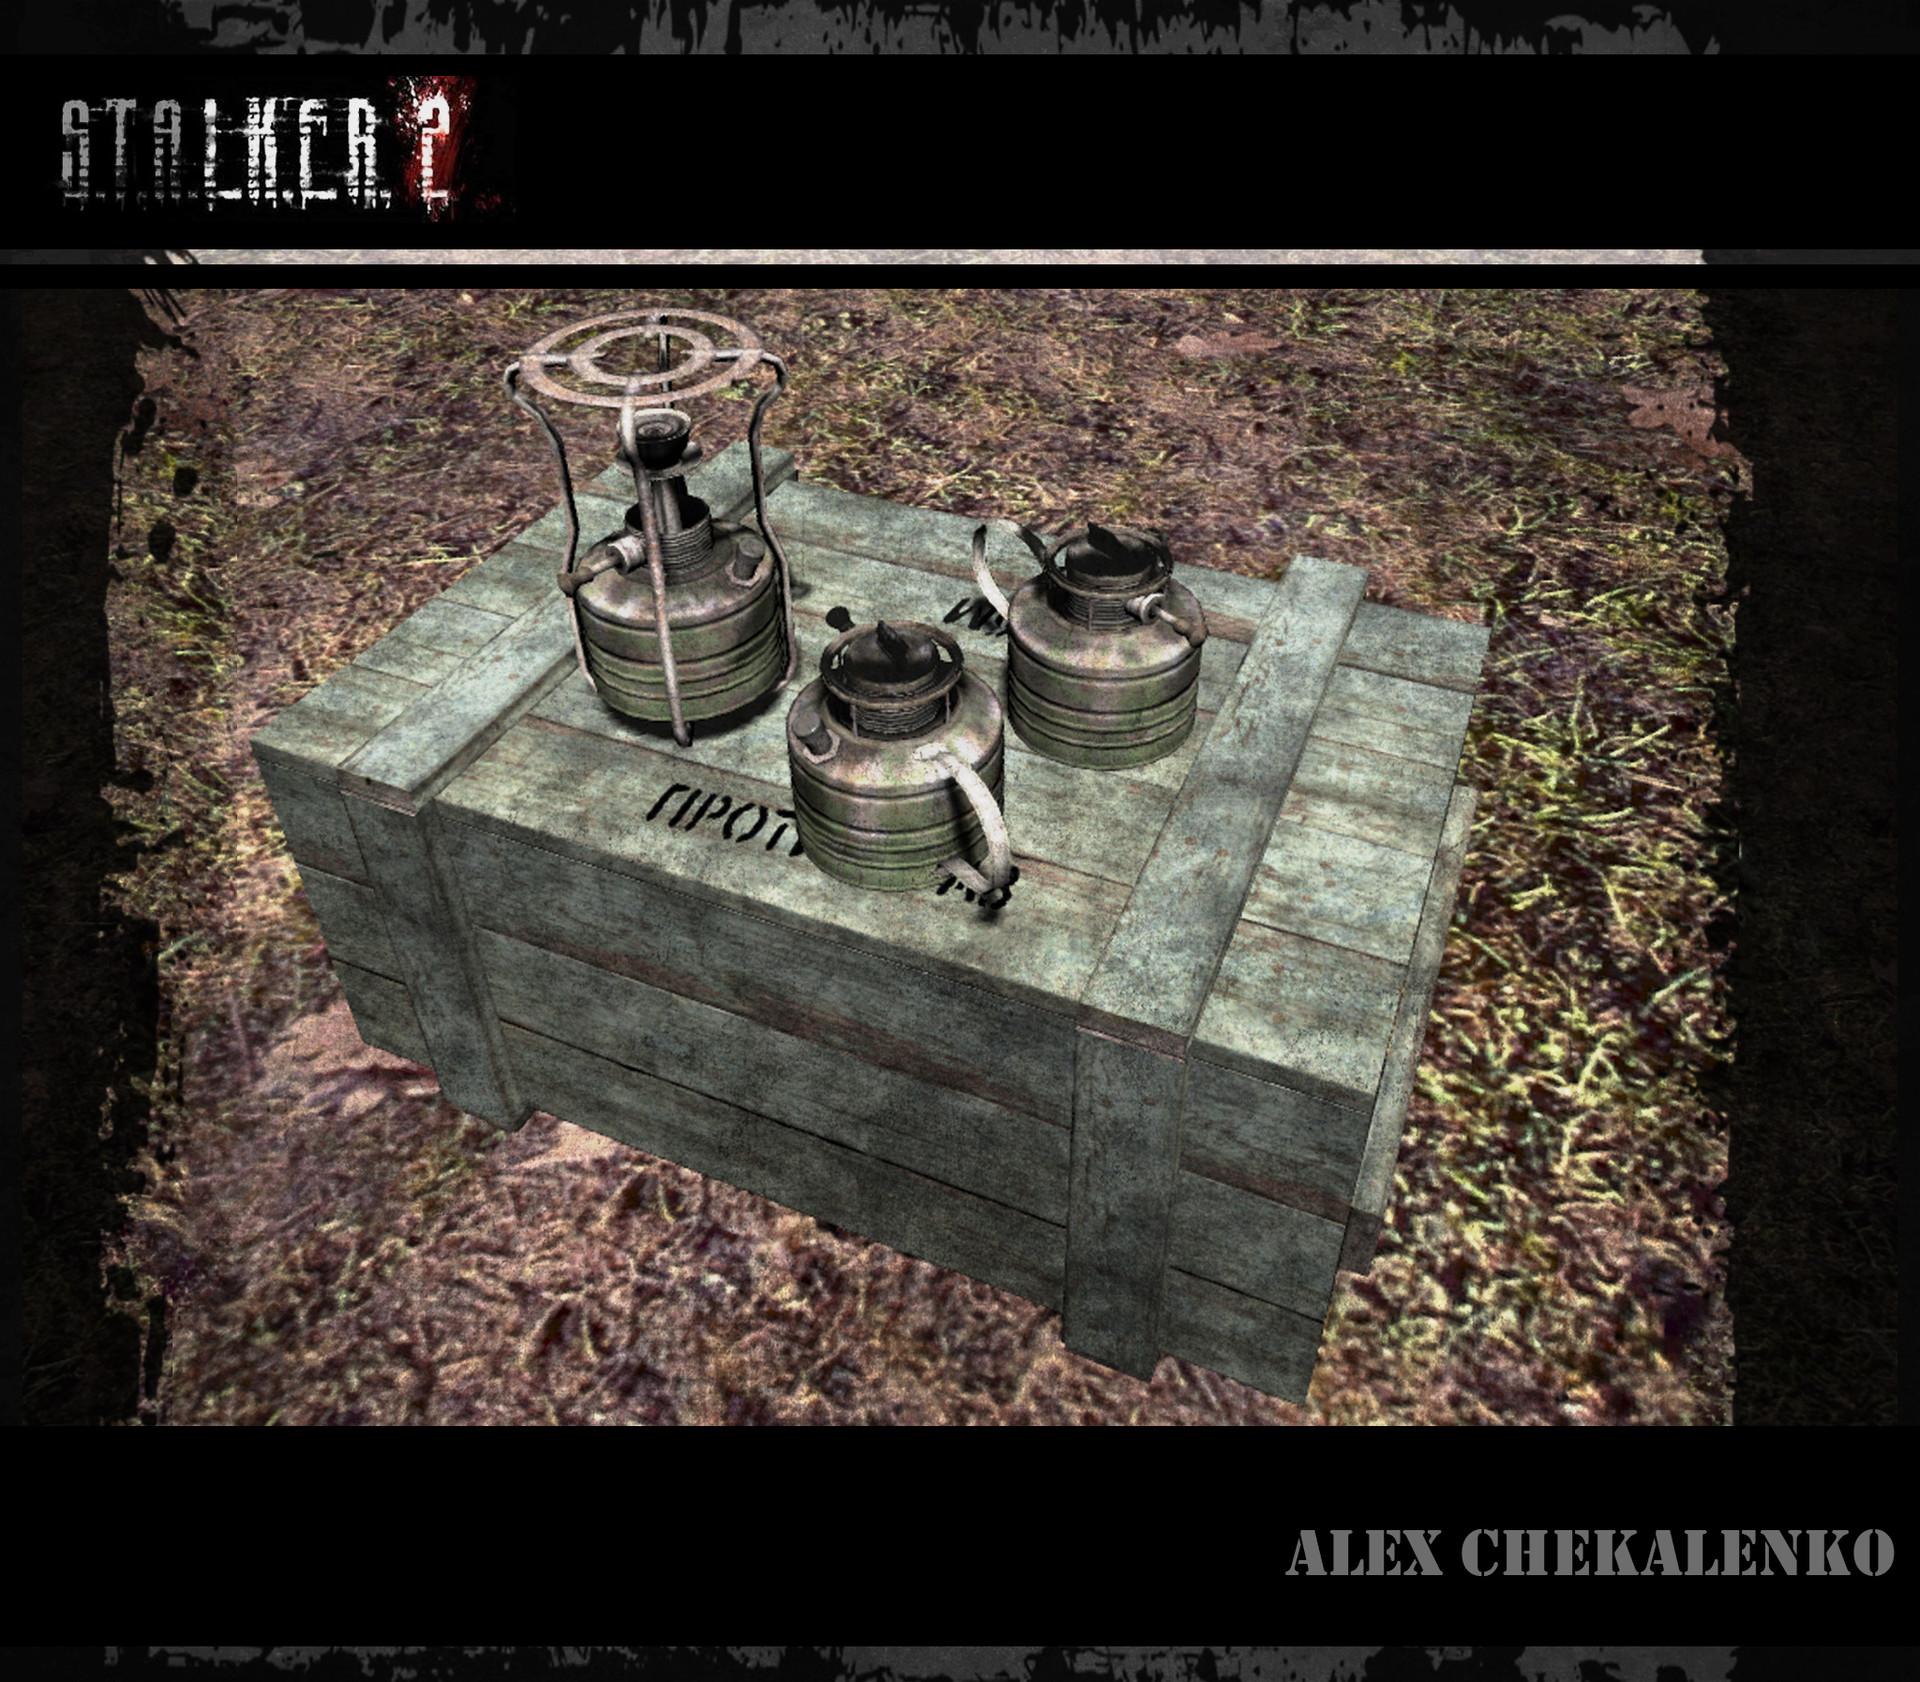 Alex chekalenko oil stove